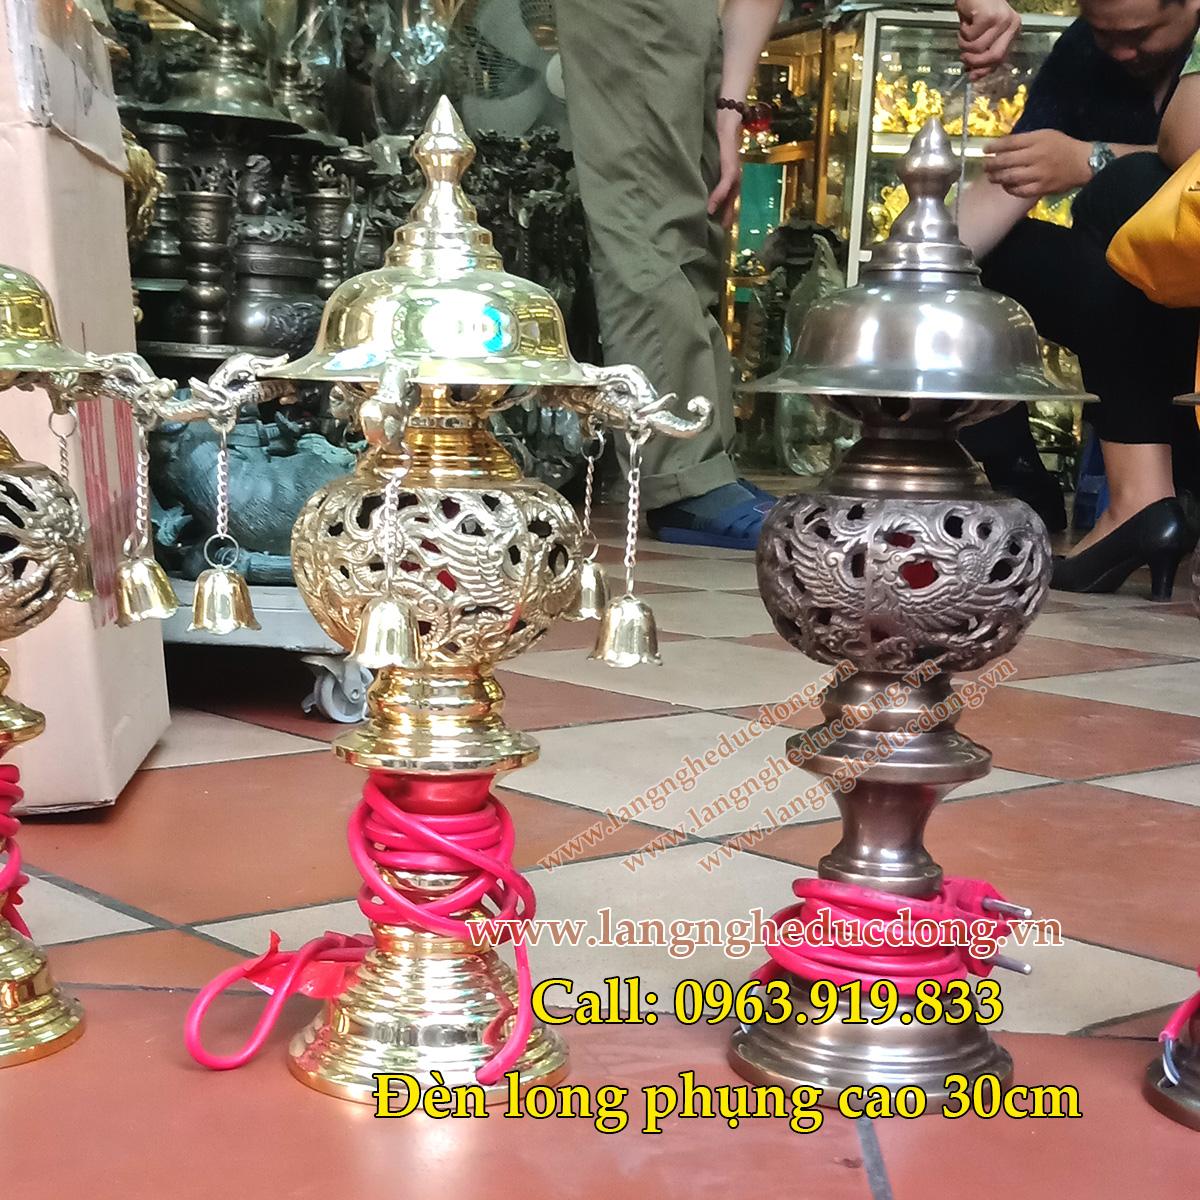 langngheducdong.vn - đôi đèn thờ cỡ nhỏ, đôi đèn thờ bằng đồng, mẫu đèn thờ long hụng